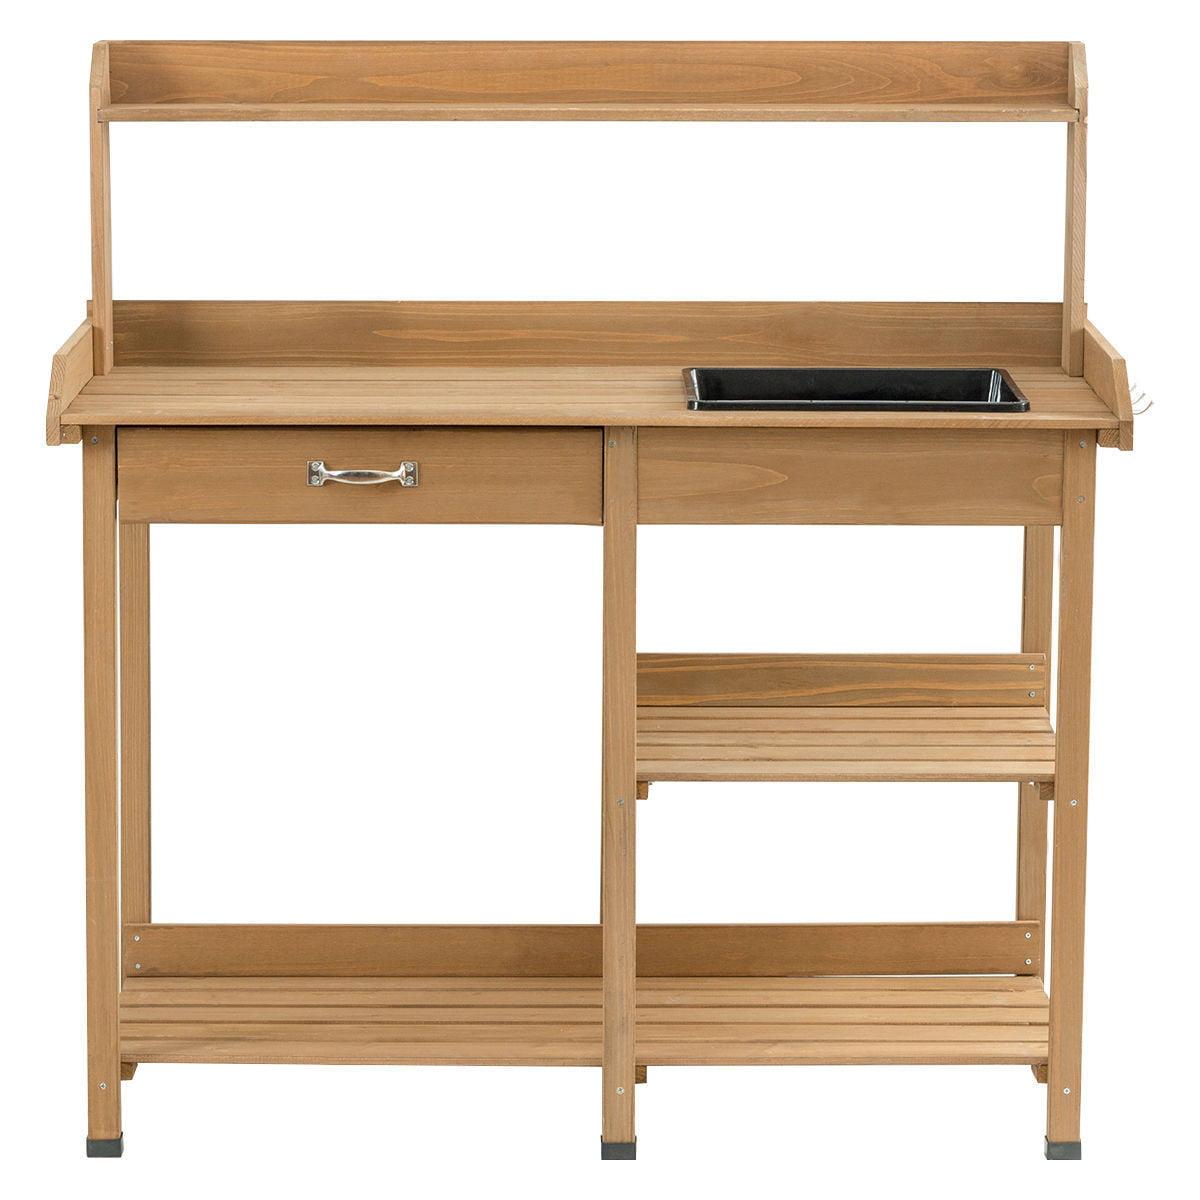 """GHP 46.1""""x17.9""""x42.6"""" Fir Wood Garden Potting Bench with Open Shelves & Side Hooks"""